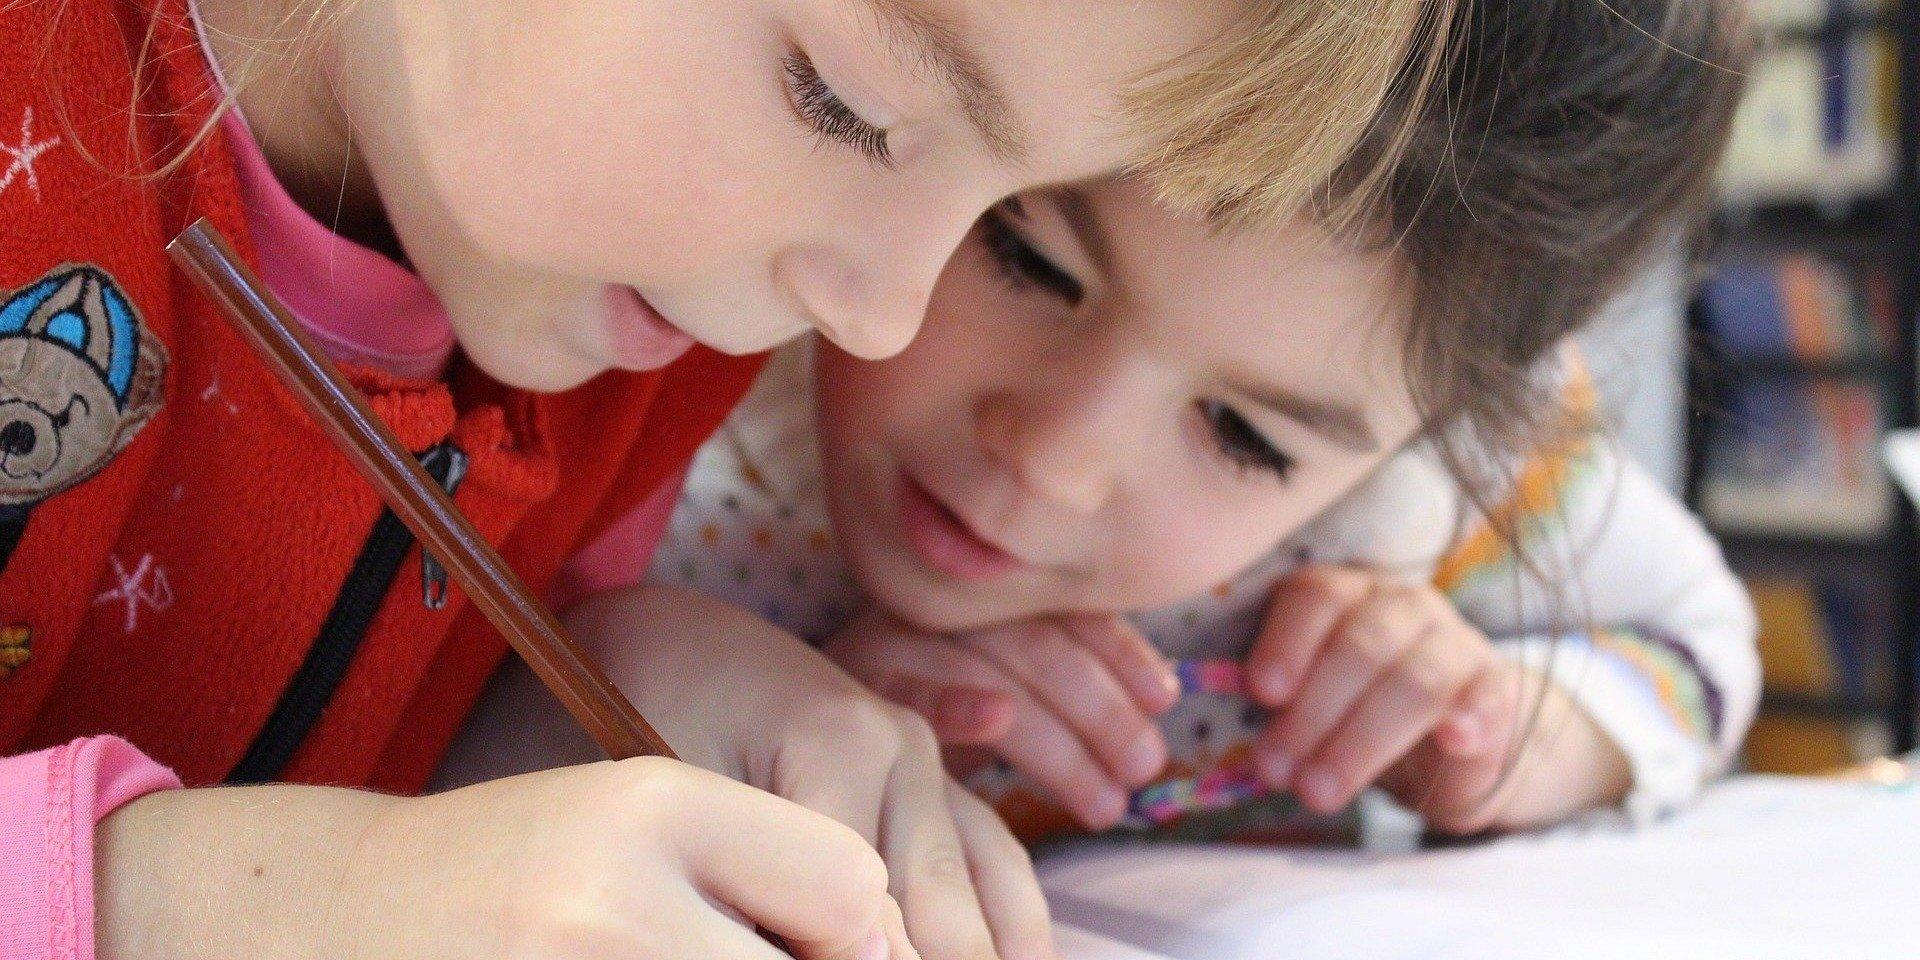 Koronawirus. Jak zorganizować dziecku czas? Jak unikać kłótni? Poradnik dla rodziców